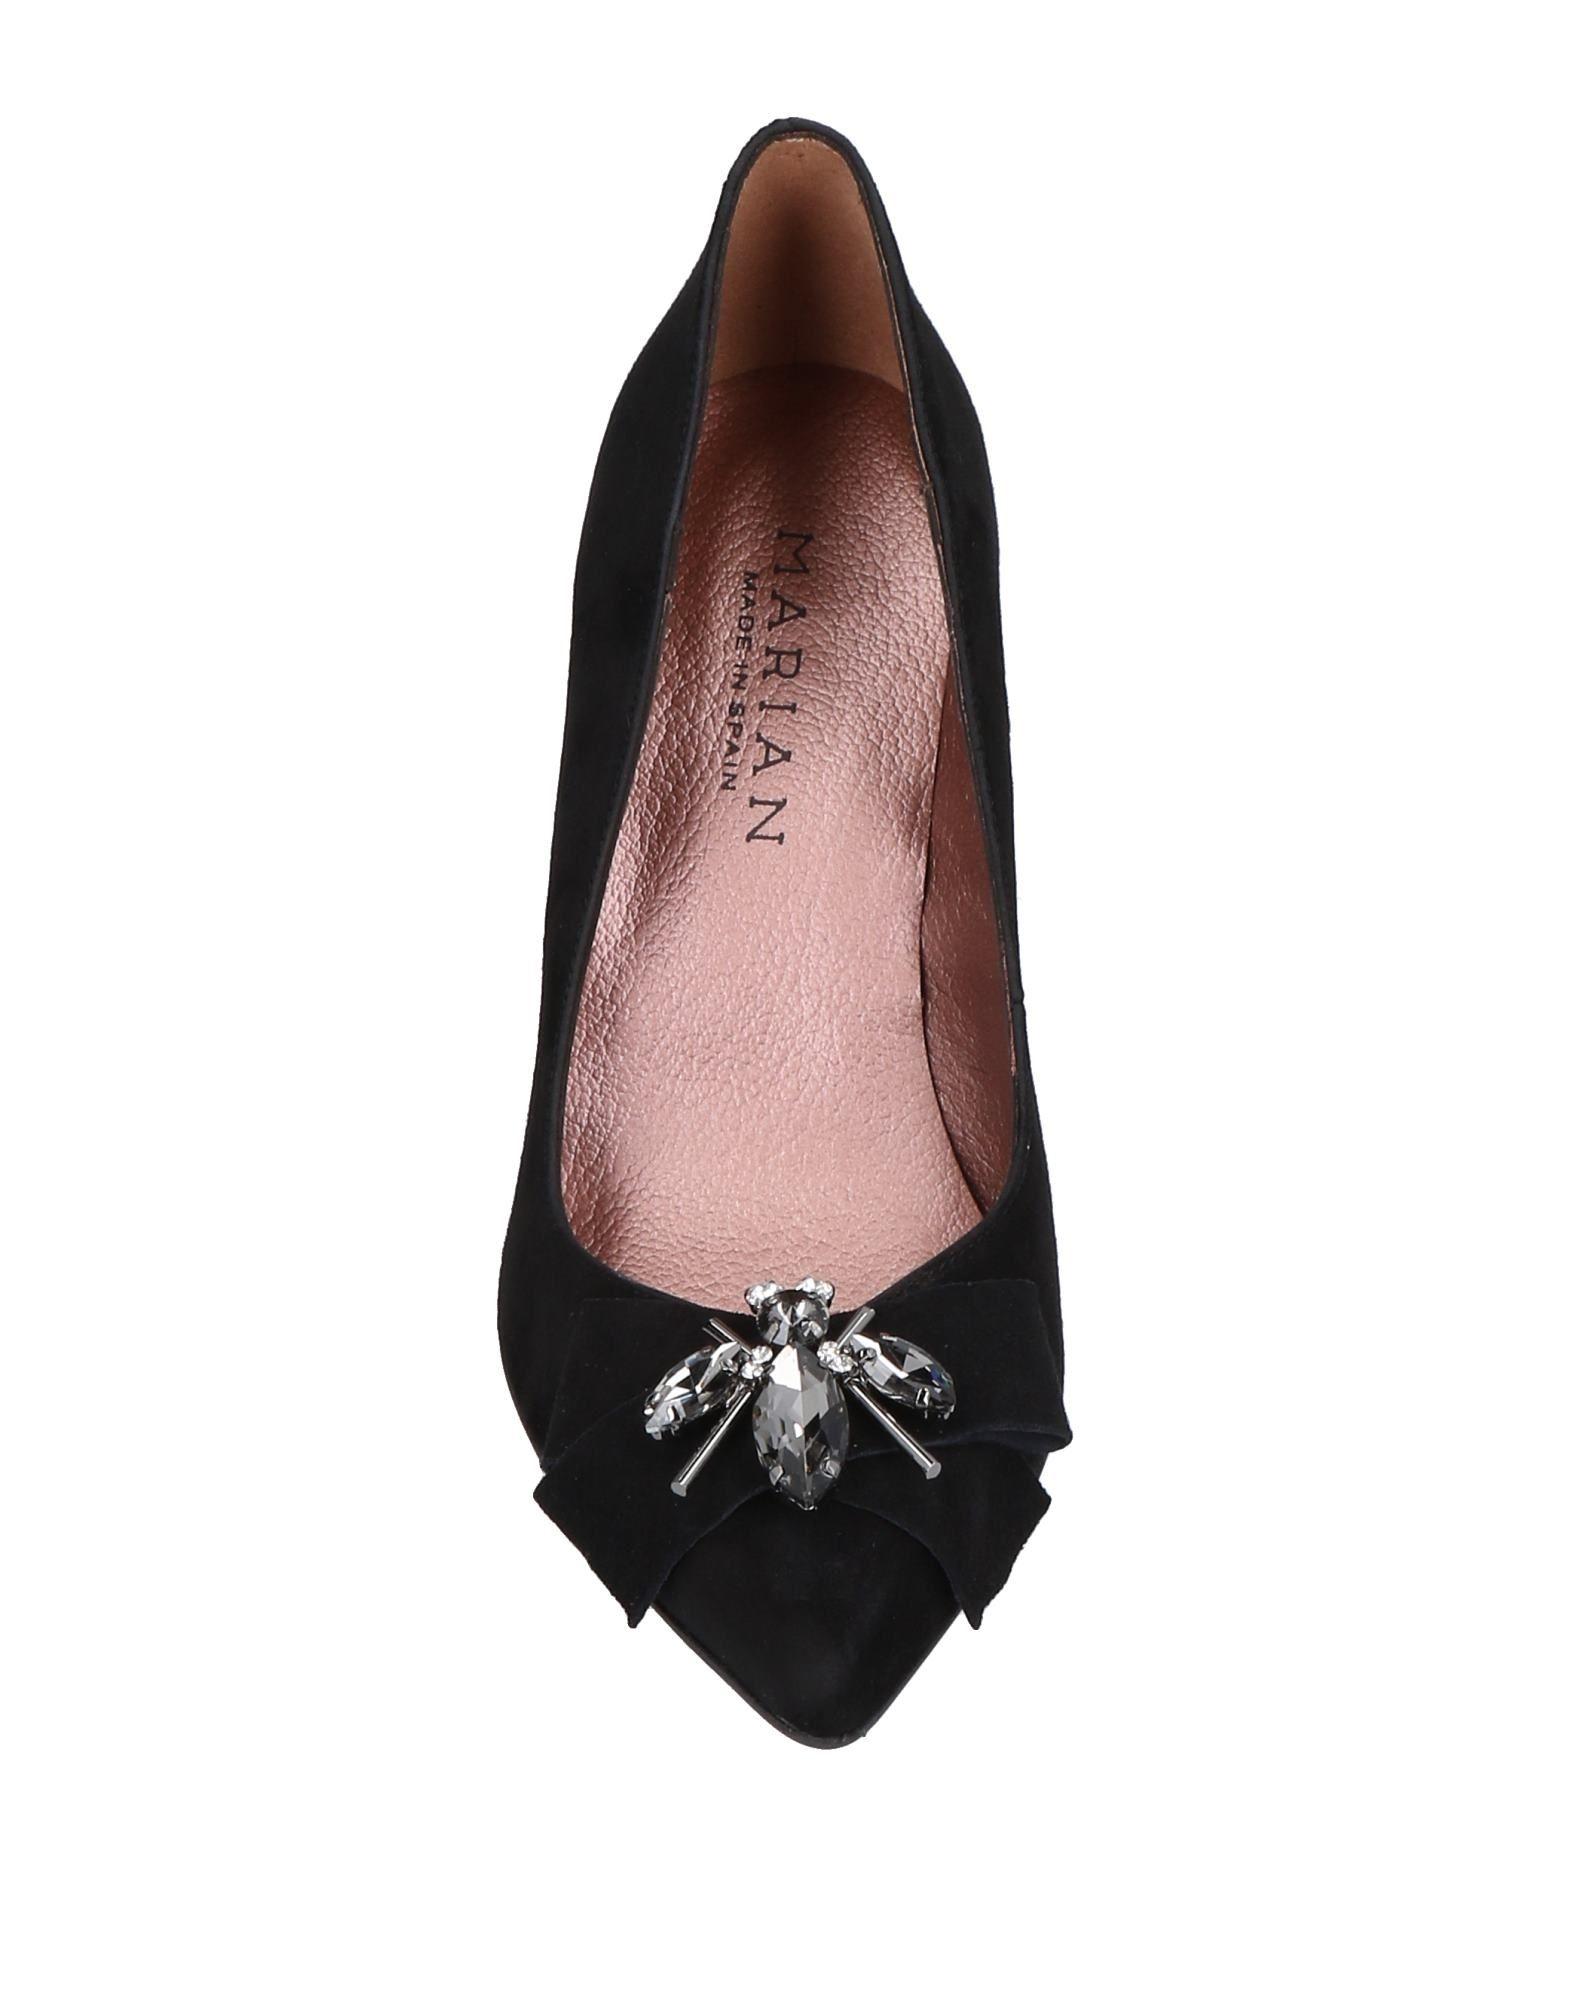 Marian Qualität Pumps Damen  11503752JM Gute Qualität Marian beliebte Schuhe be57b2